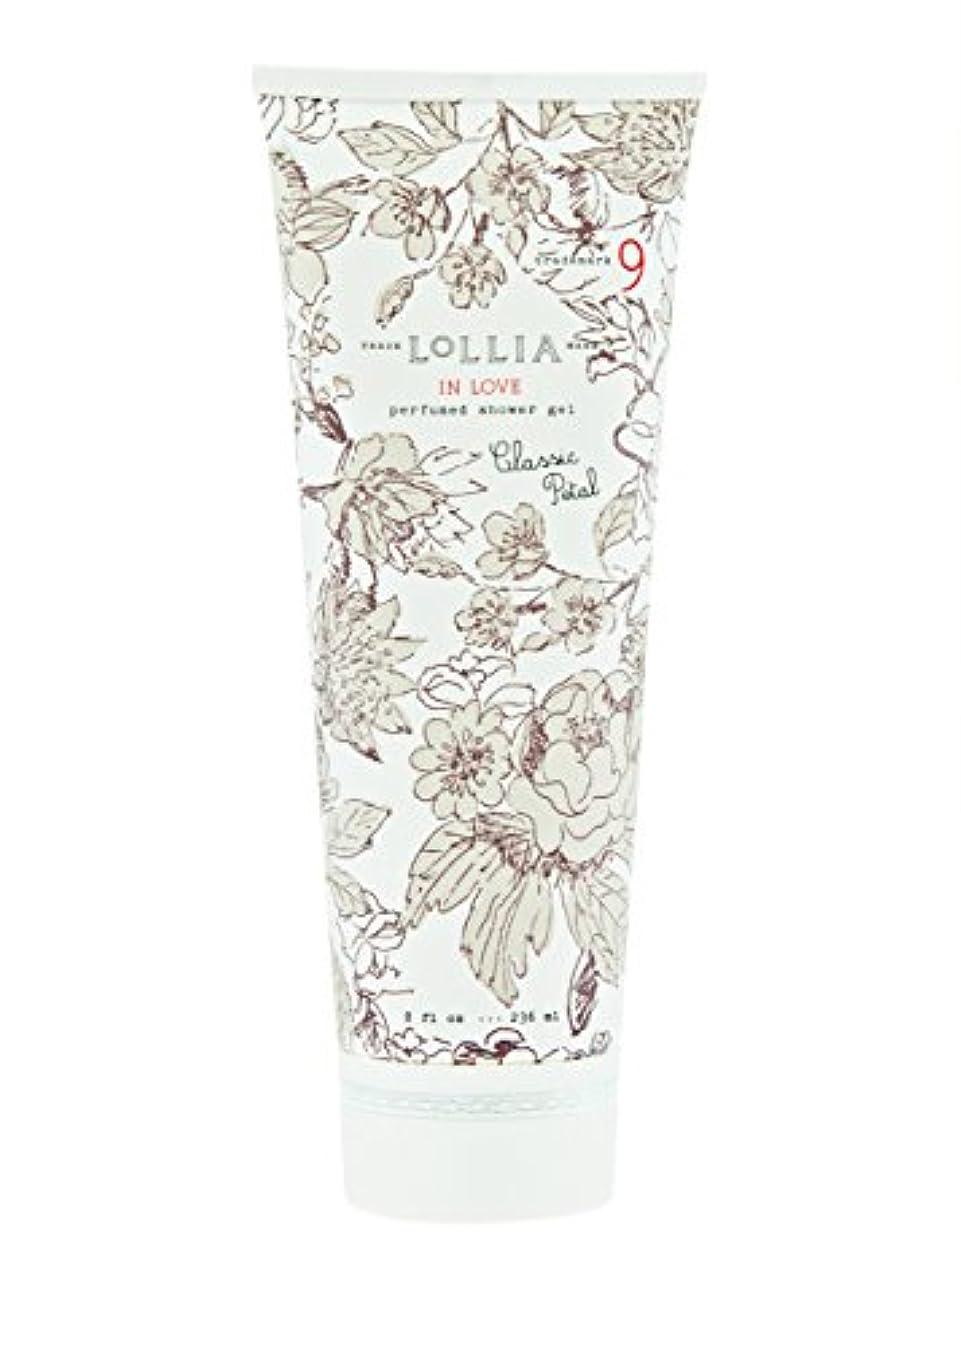 バックアップ安定広範囲ロリア(LoLLIA) パフュームドシャワージェル InLove 236ml(全身用洗浄料 ボディーソープ アップルブロッサム、ジャスミン、ローズのフルーティで爽やかな香り)